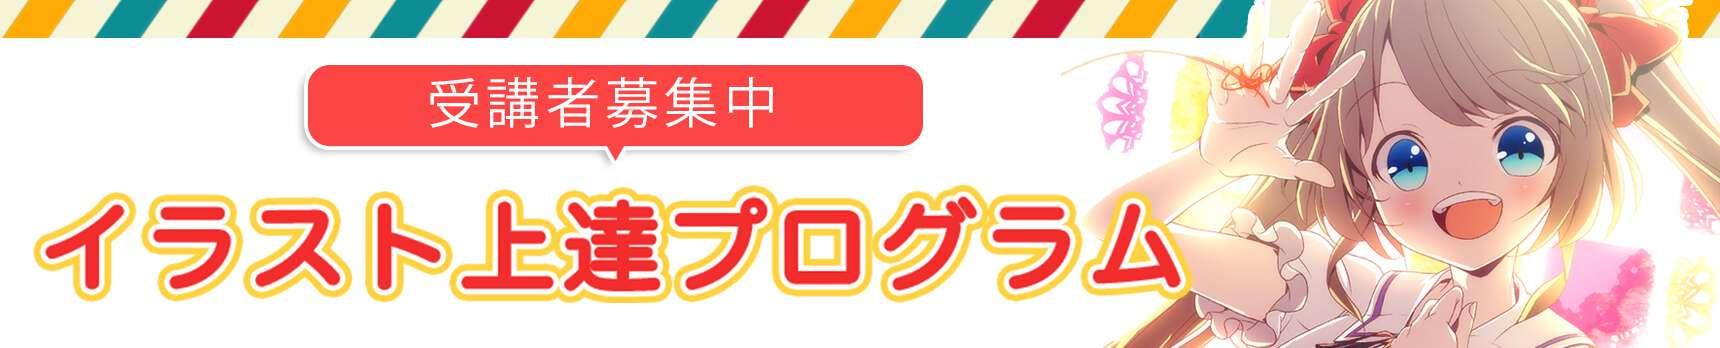 Yukiuta2 banner2 pc